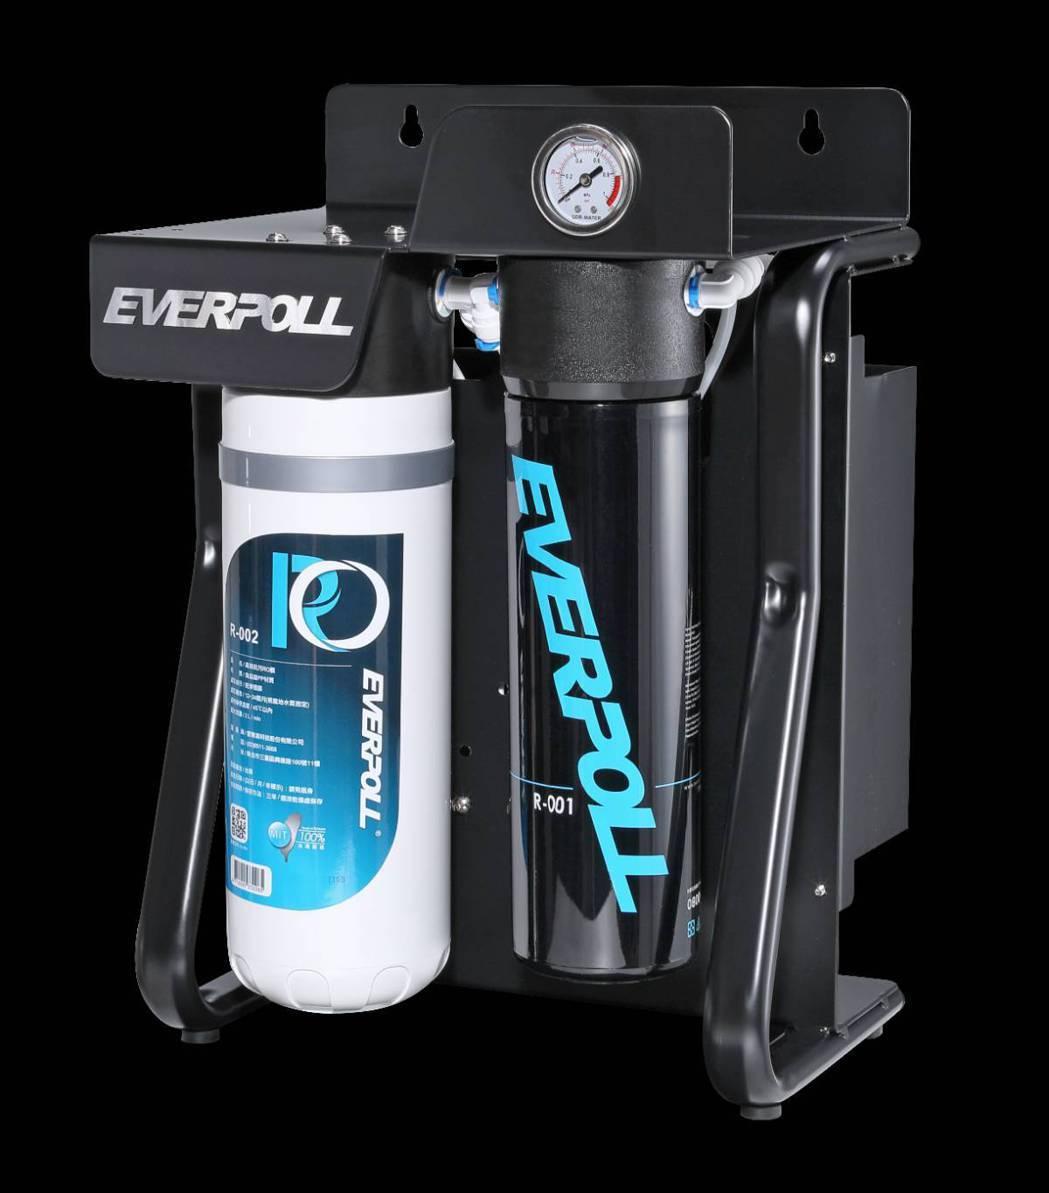 直出式極淨純水設備 (RO-900)產品圖。 愛惠浦科技/提供